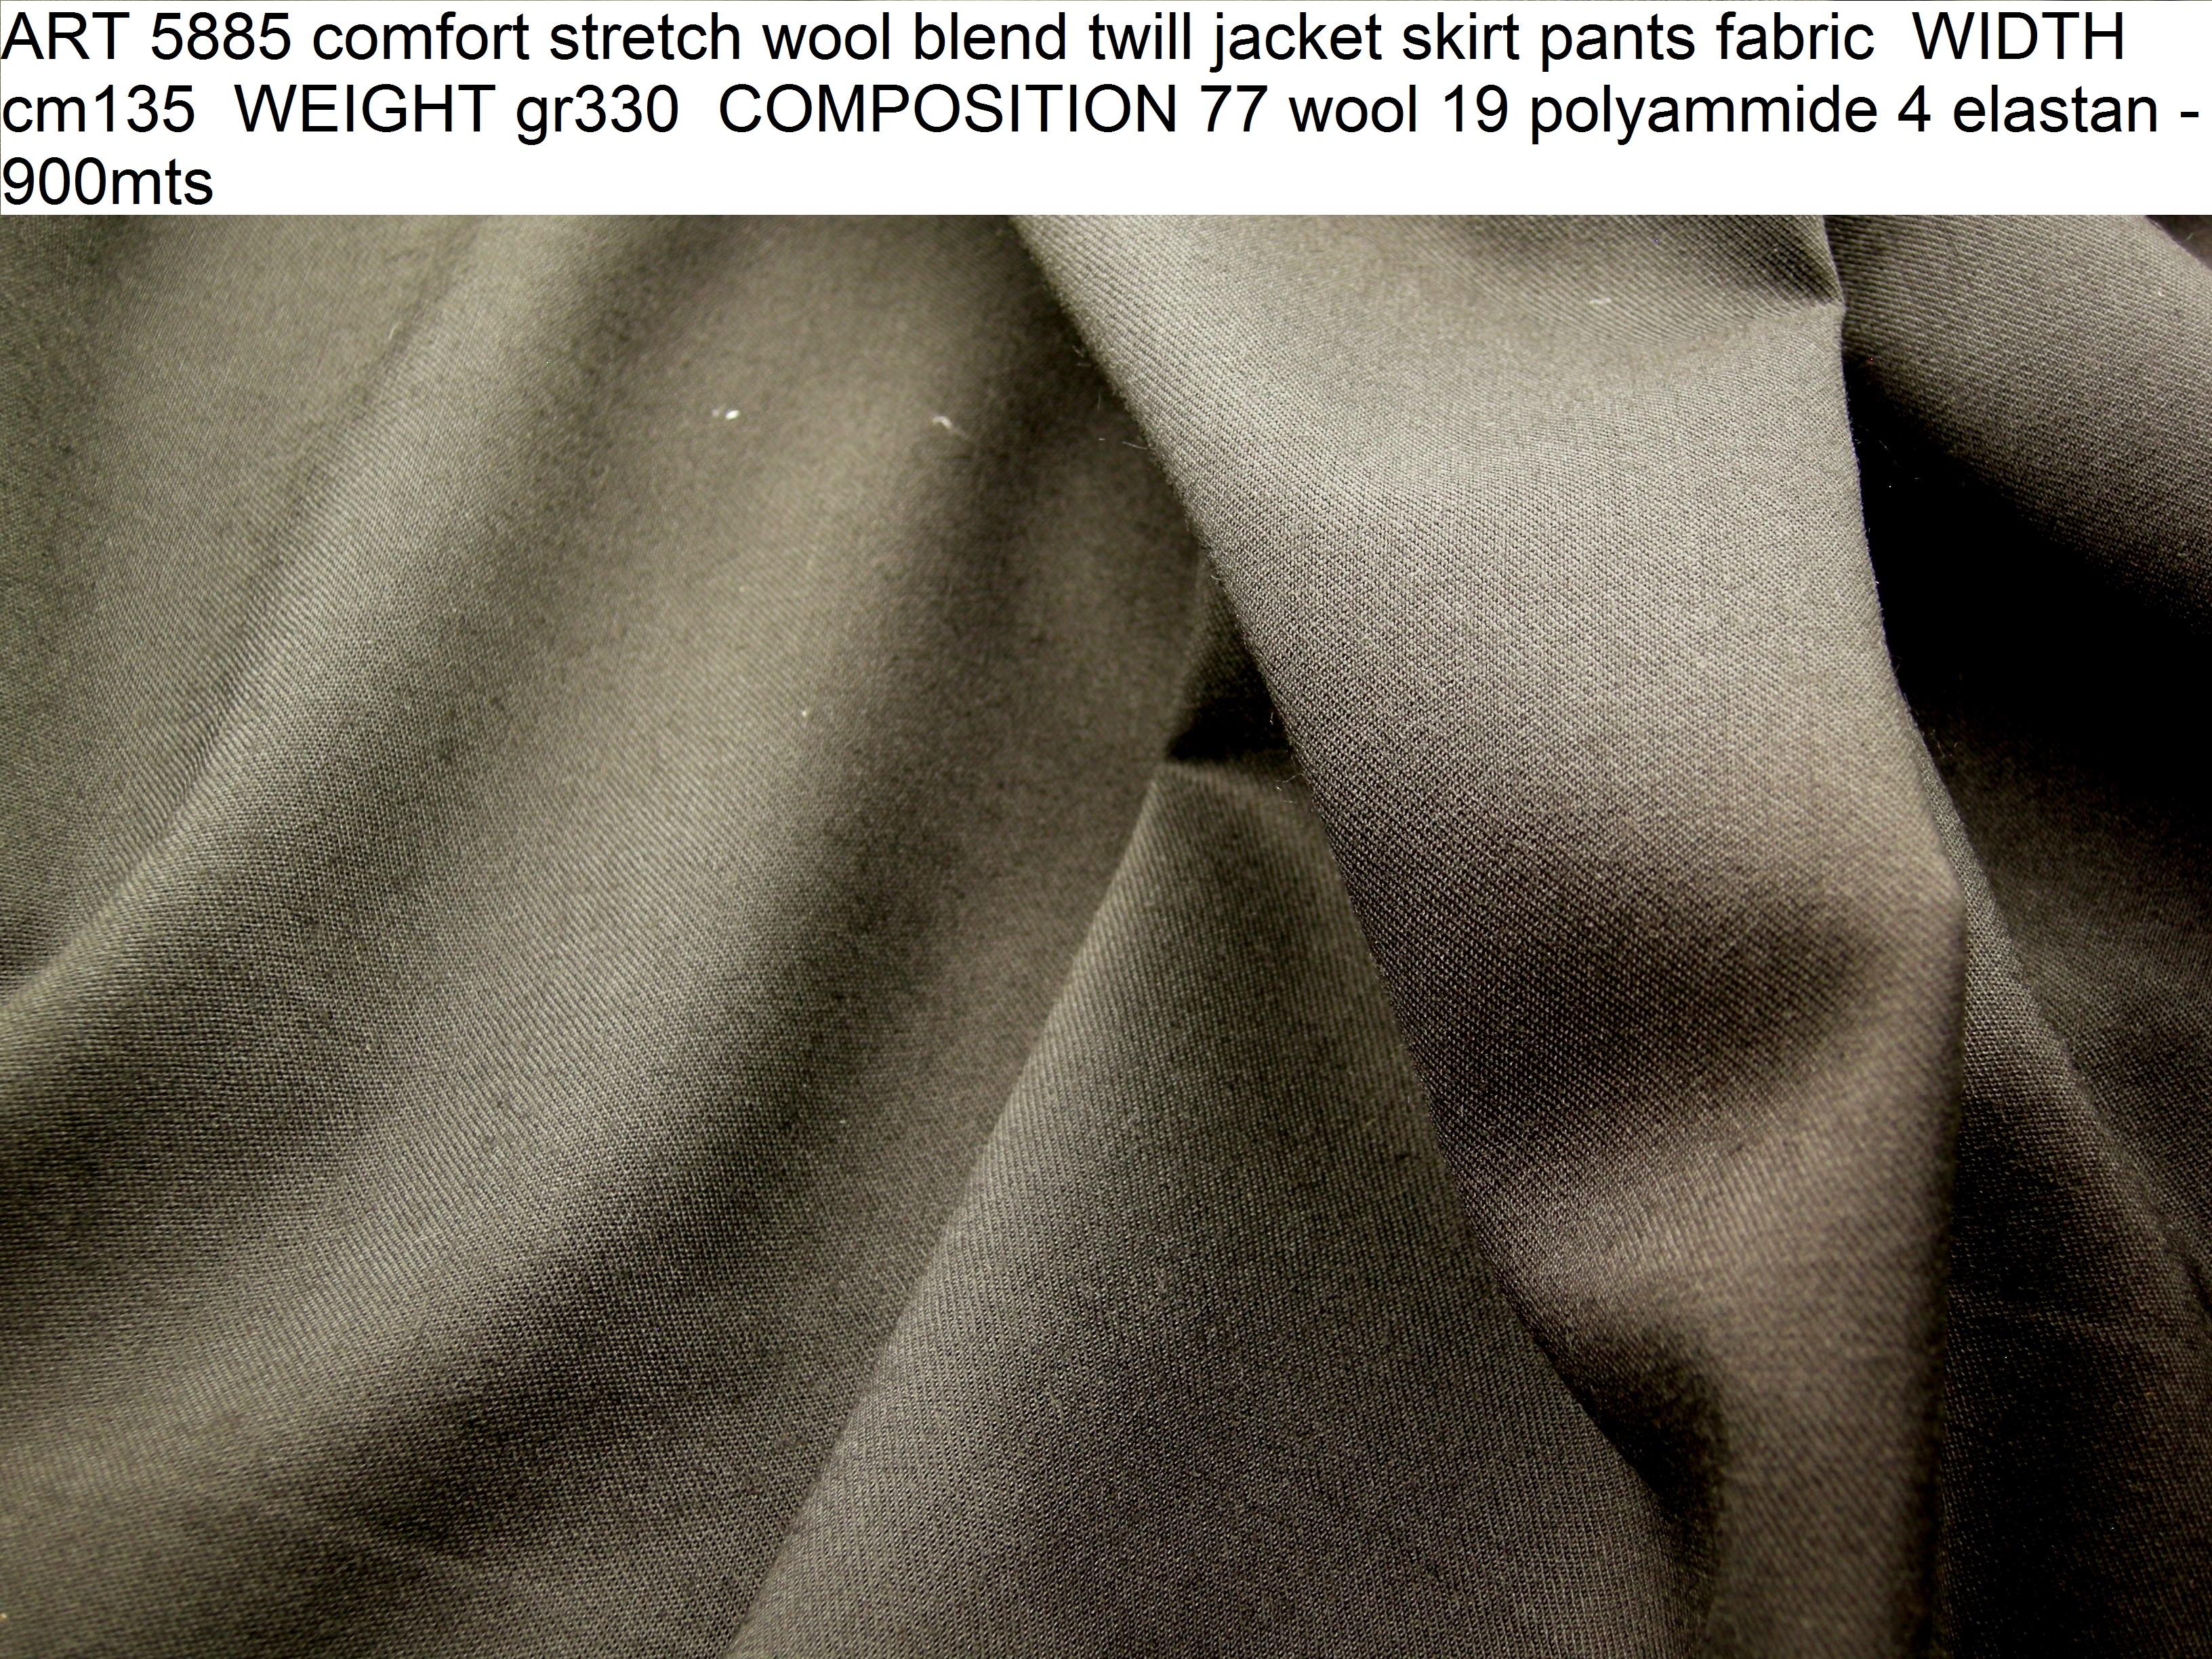 ART 5885 comfort stretch wool blend twill jacket skirt pants fabric WIDTH cm135 WEIGHT gr330 COMPOSITION 77 wool 19 polyammide 4 elastan - 900mts